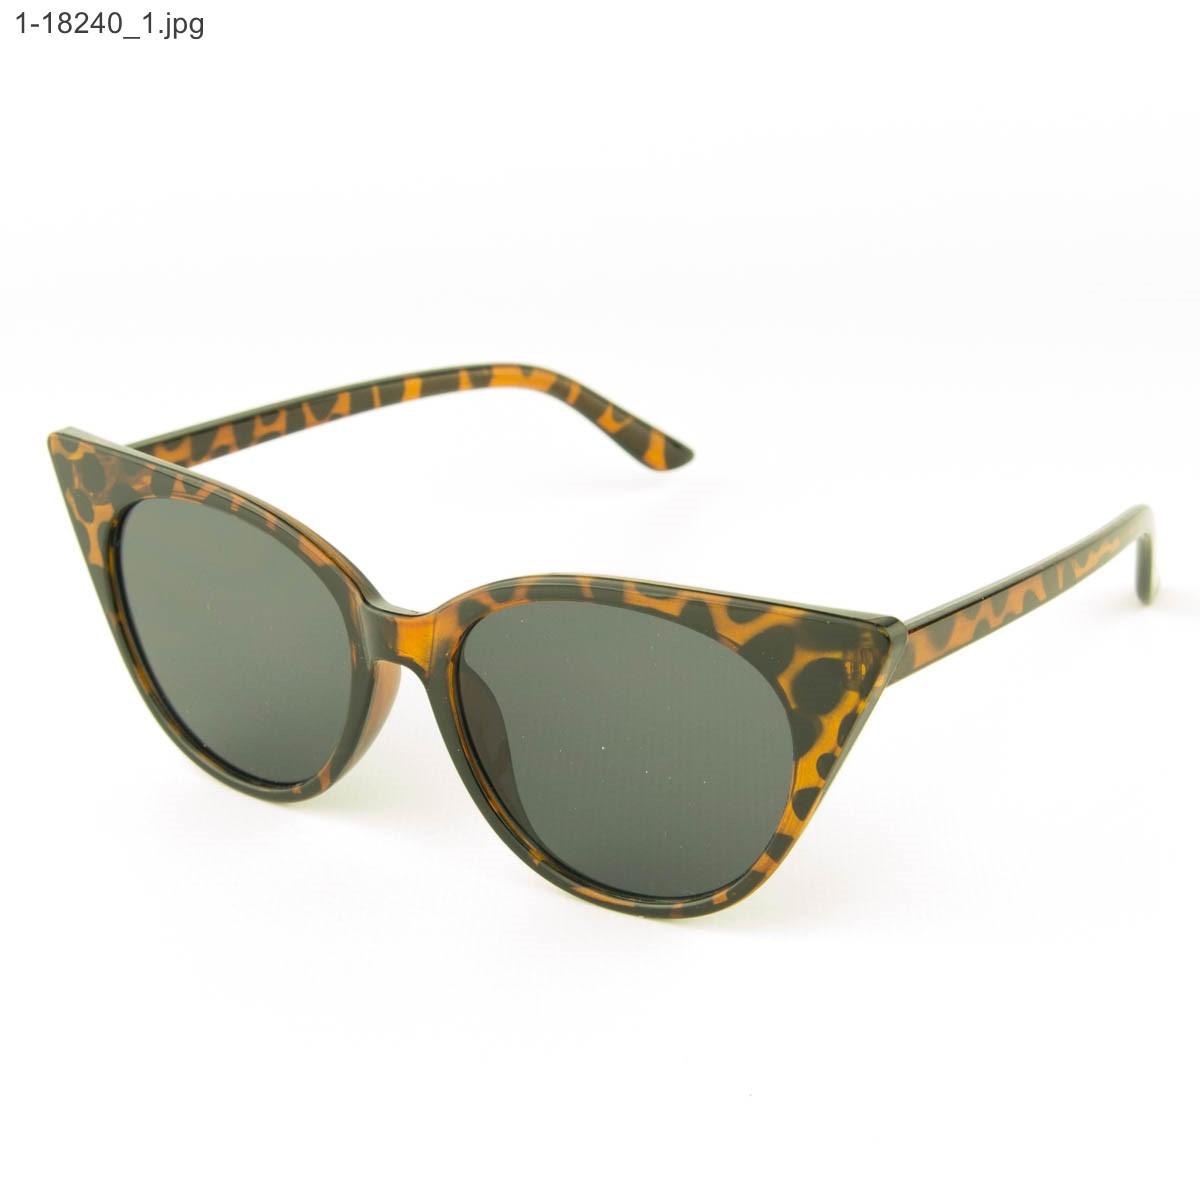 Женские очки кошачий глаз - Леопардовые - 1-18240